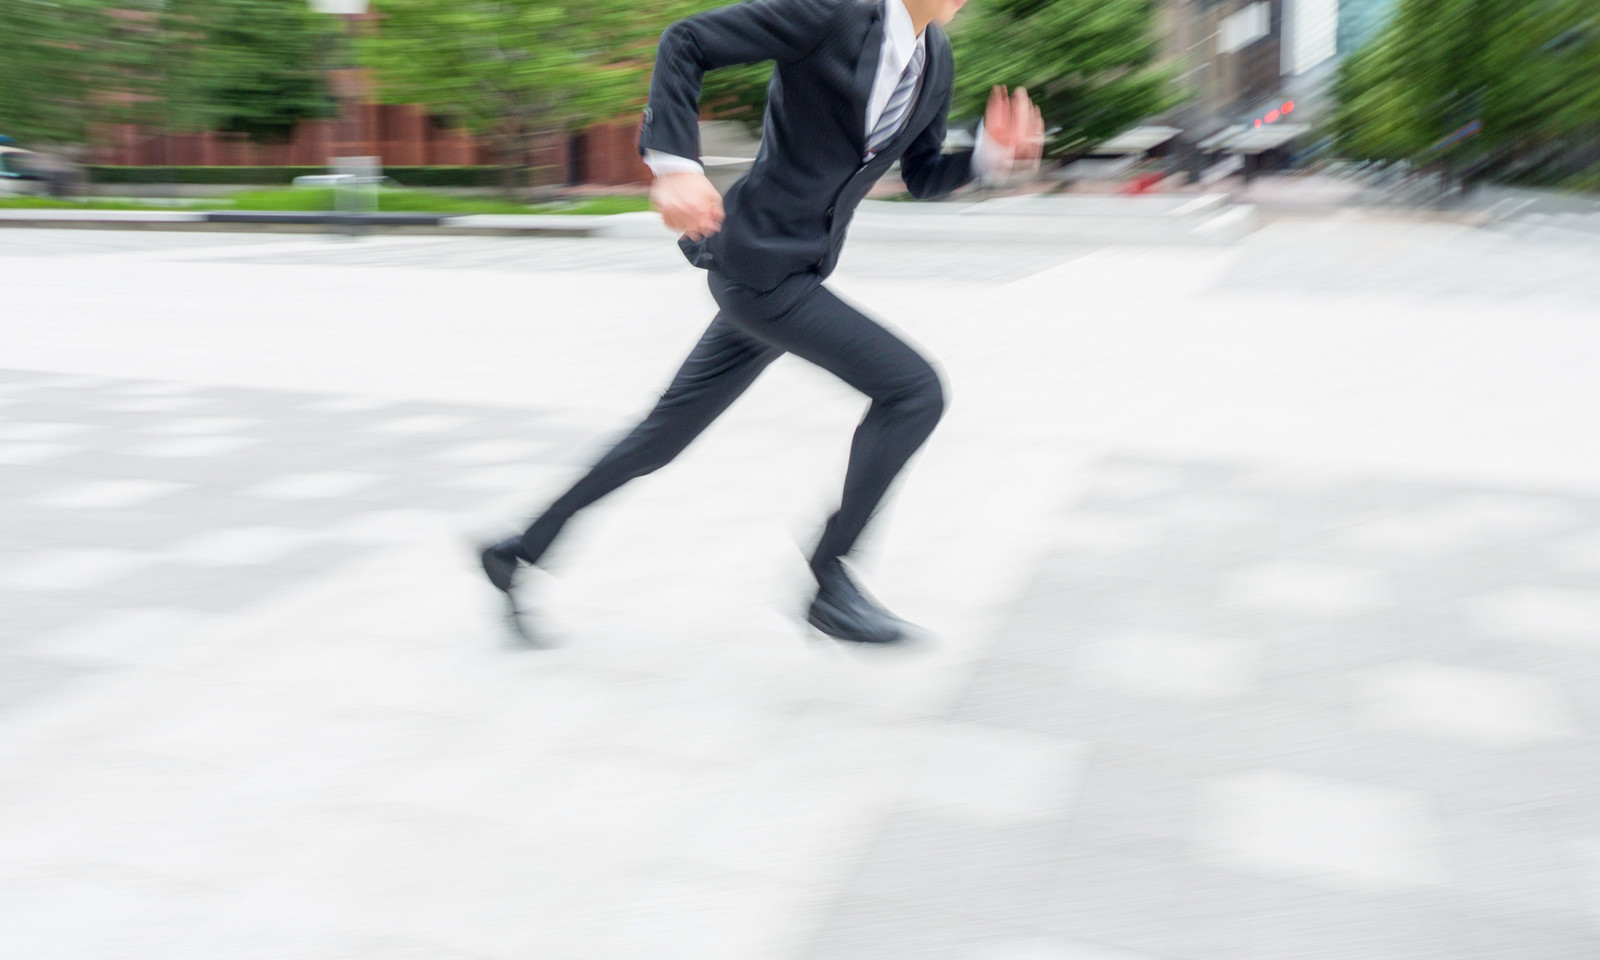 「駆け抜けるビジネスマン」の写真